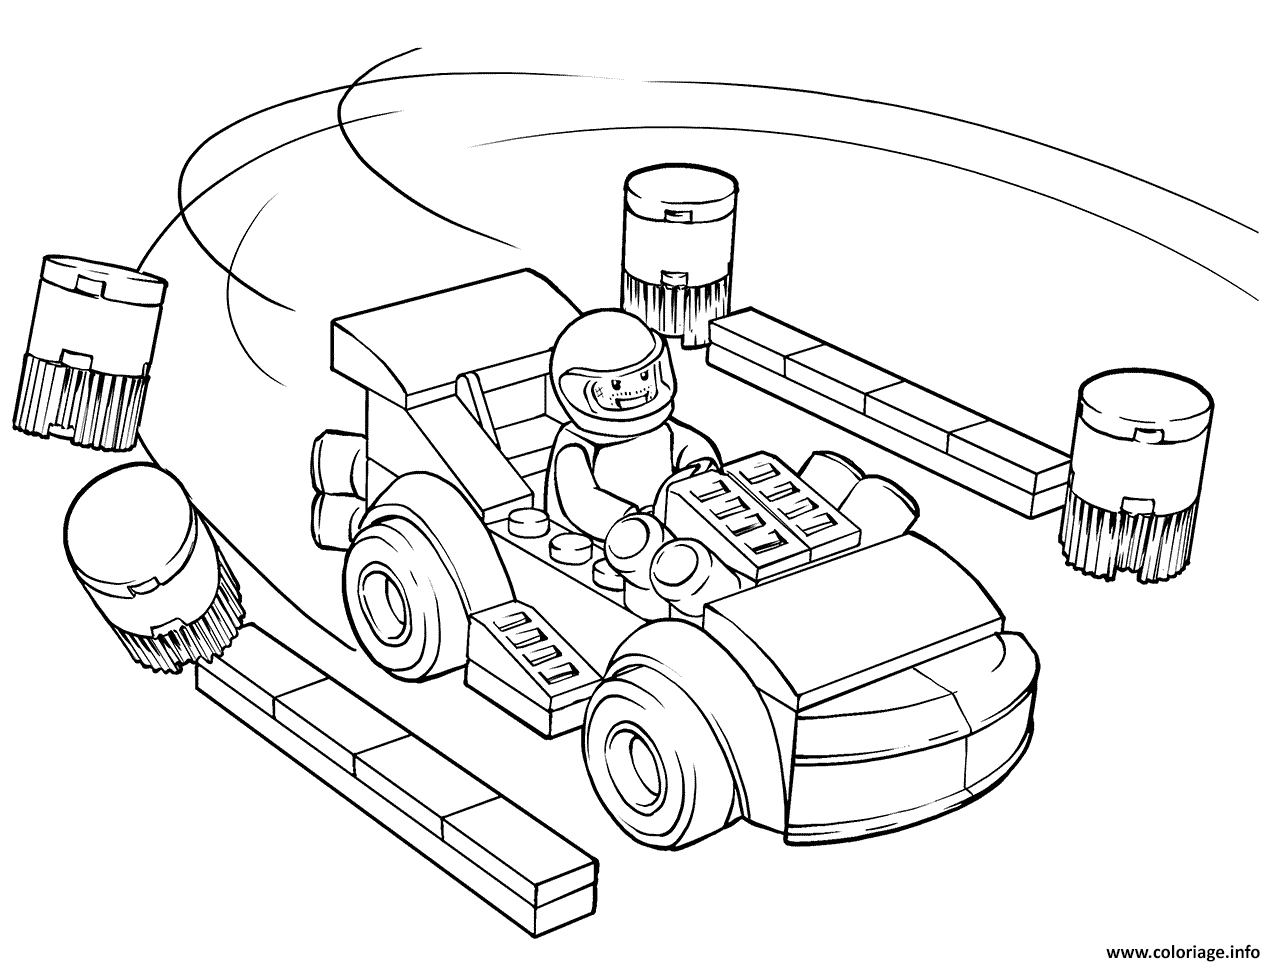 Dessin lego juniors racing car driver Coloriage Gratuit à Imprimer